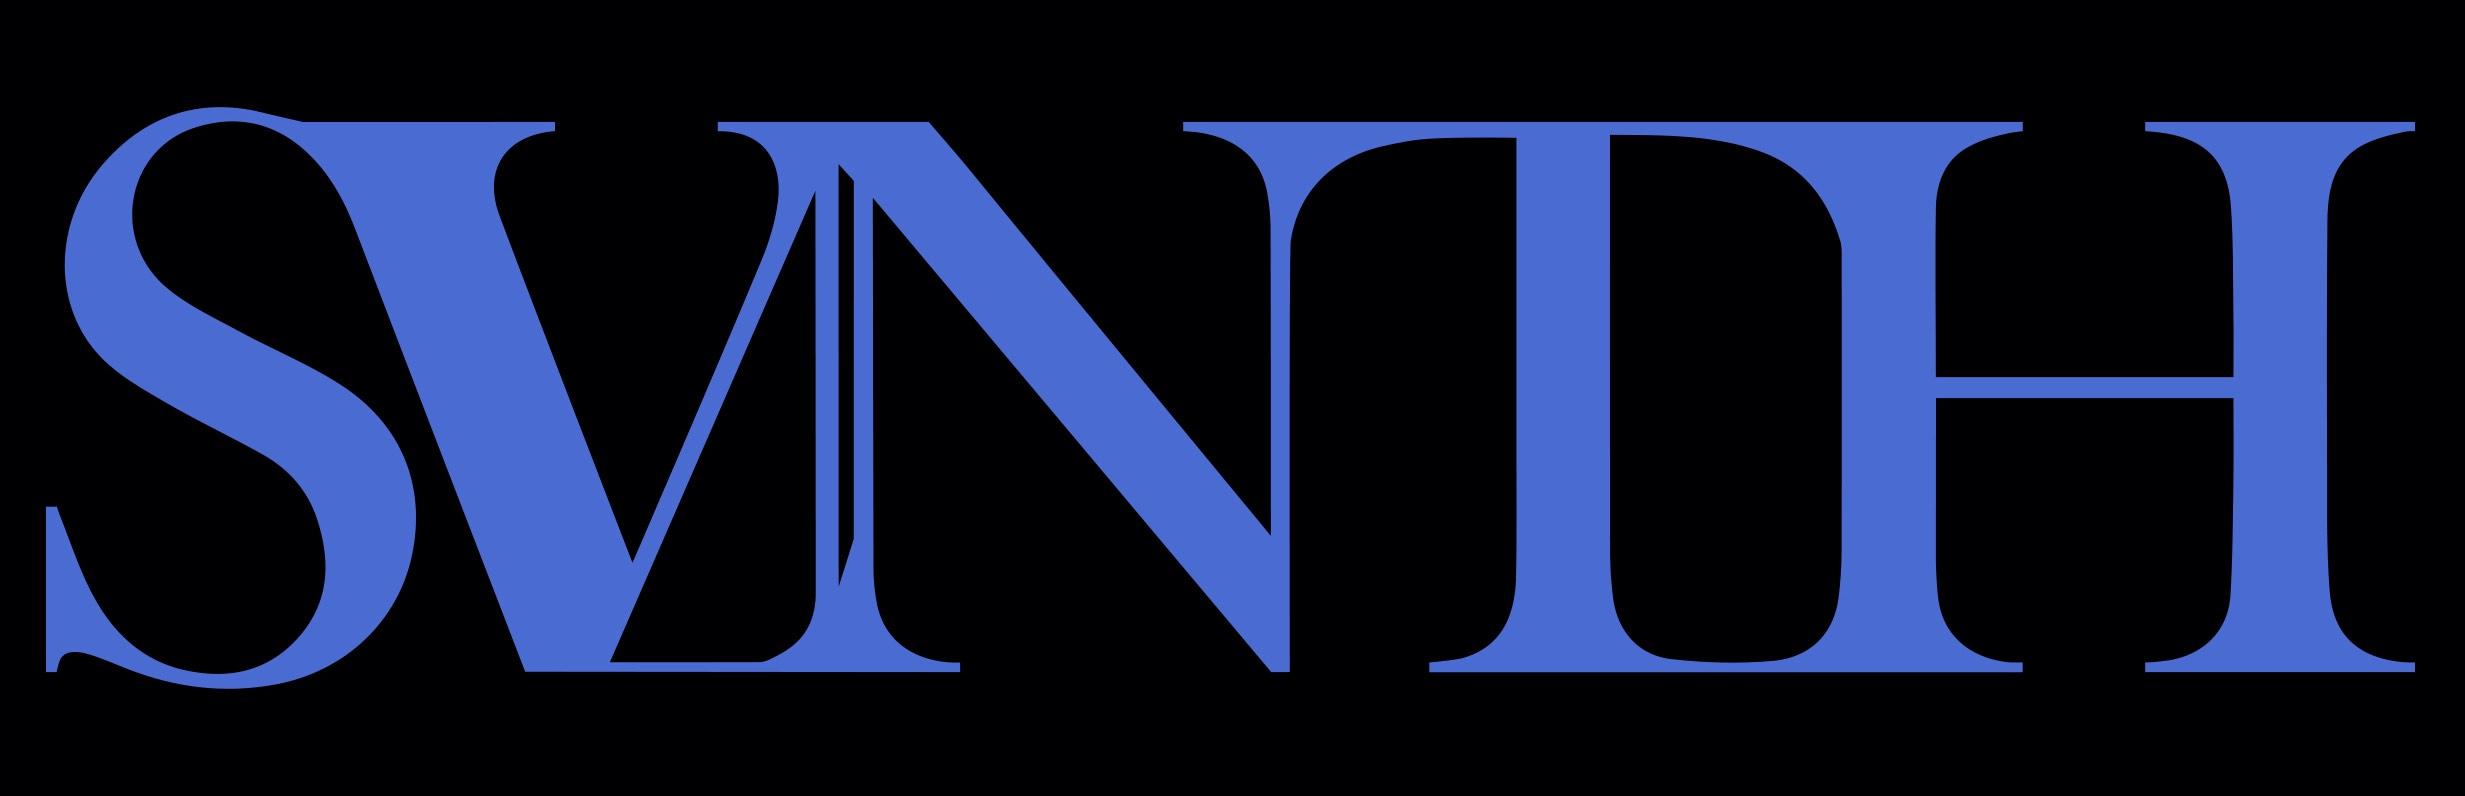 SVNTH - Logo